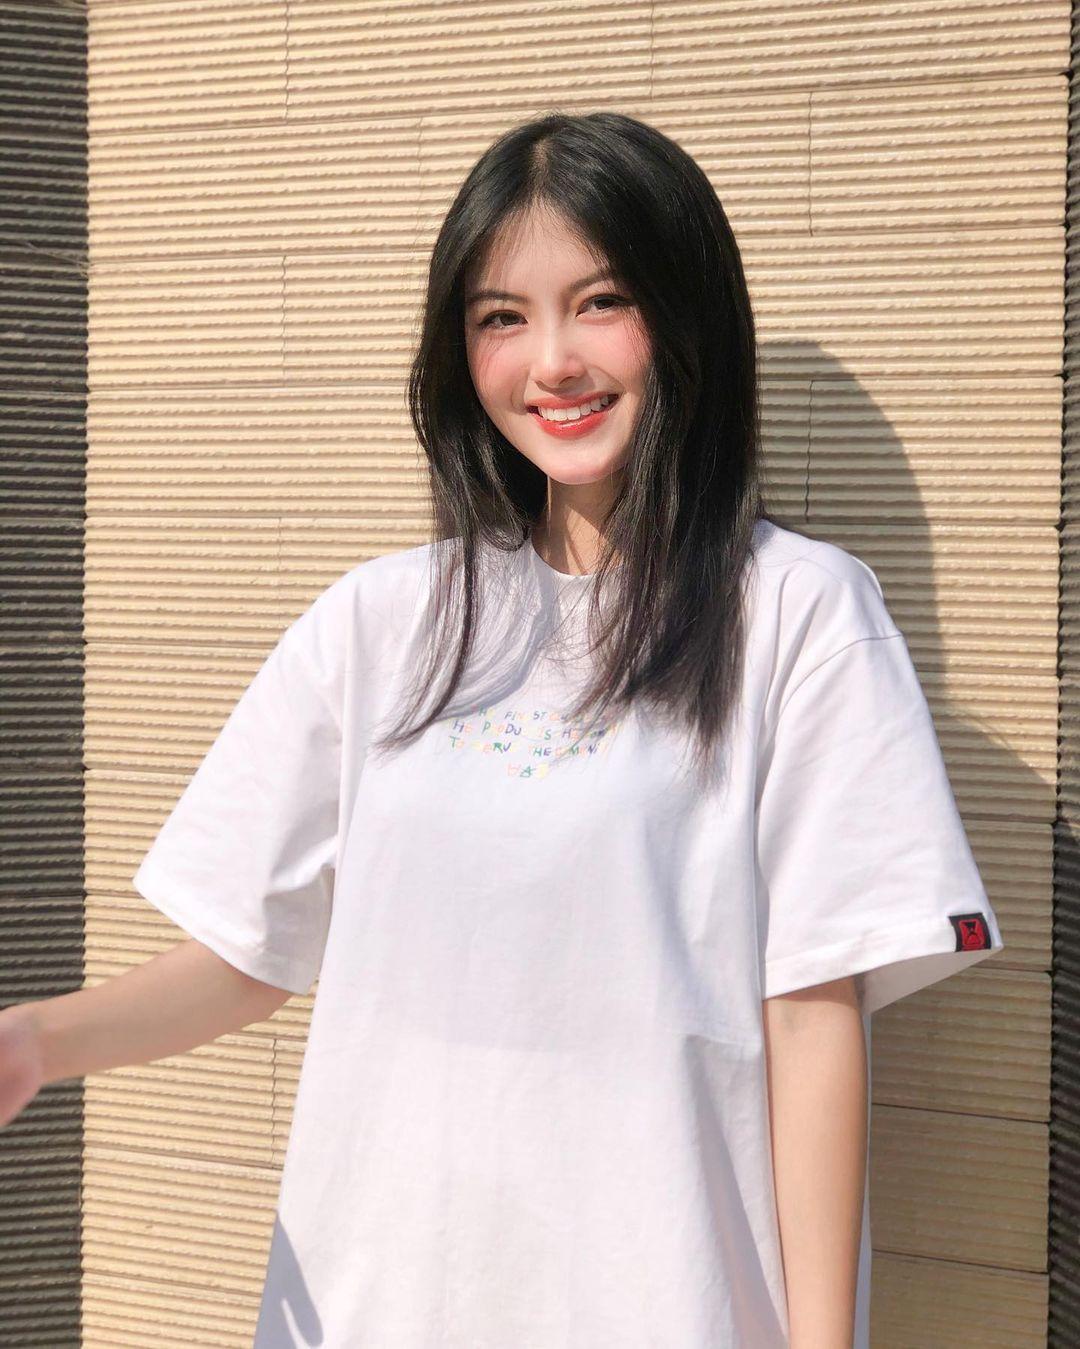 [人物]清纯越南妹子「Leely」辣穿奥黛,让人不被她掳获都不行啊. 养眼图片 第5张